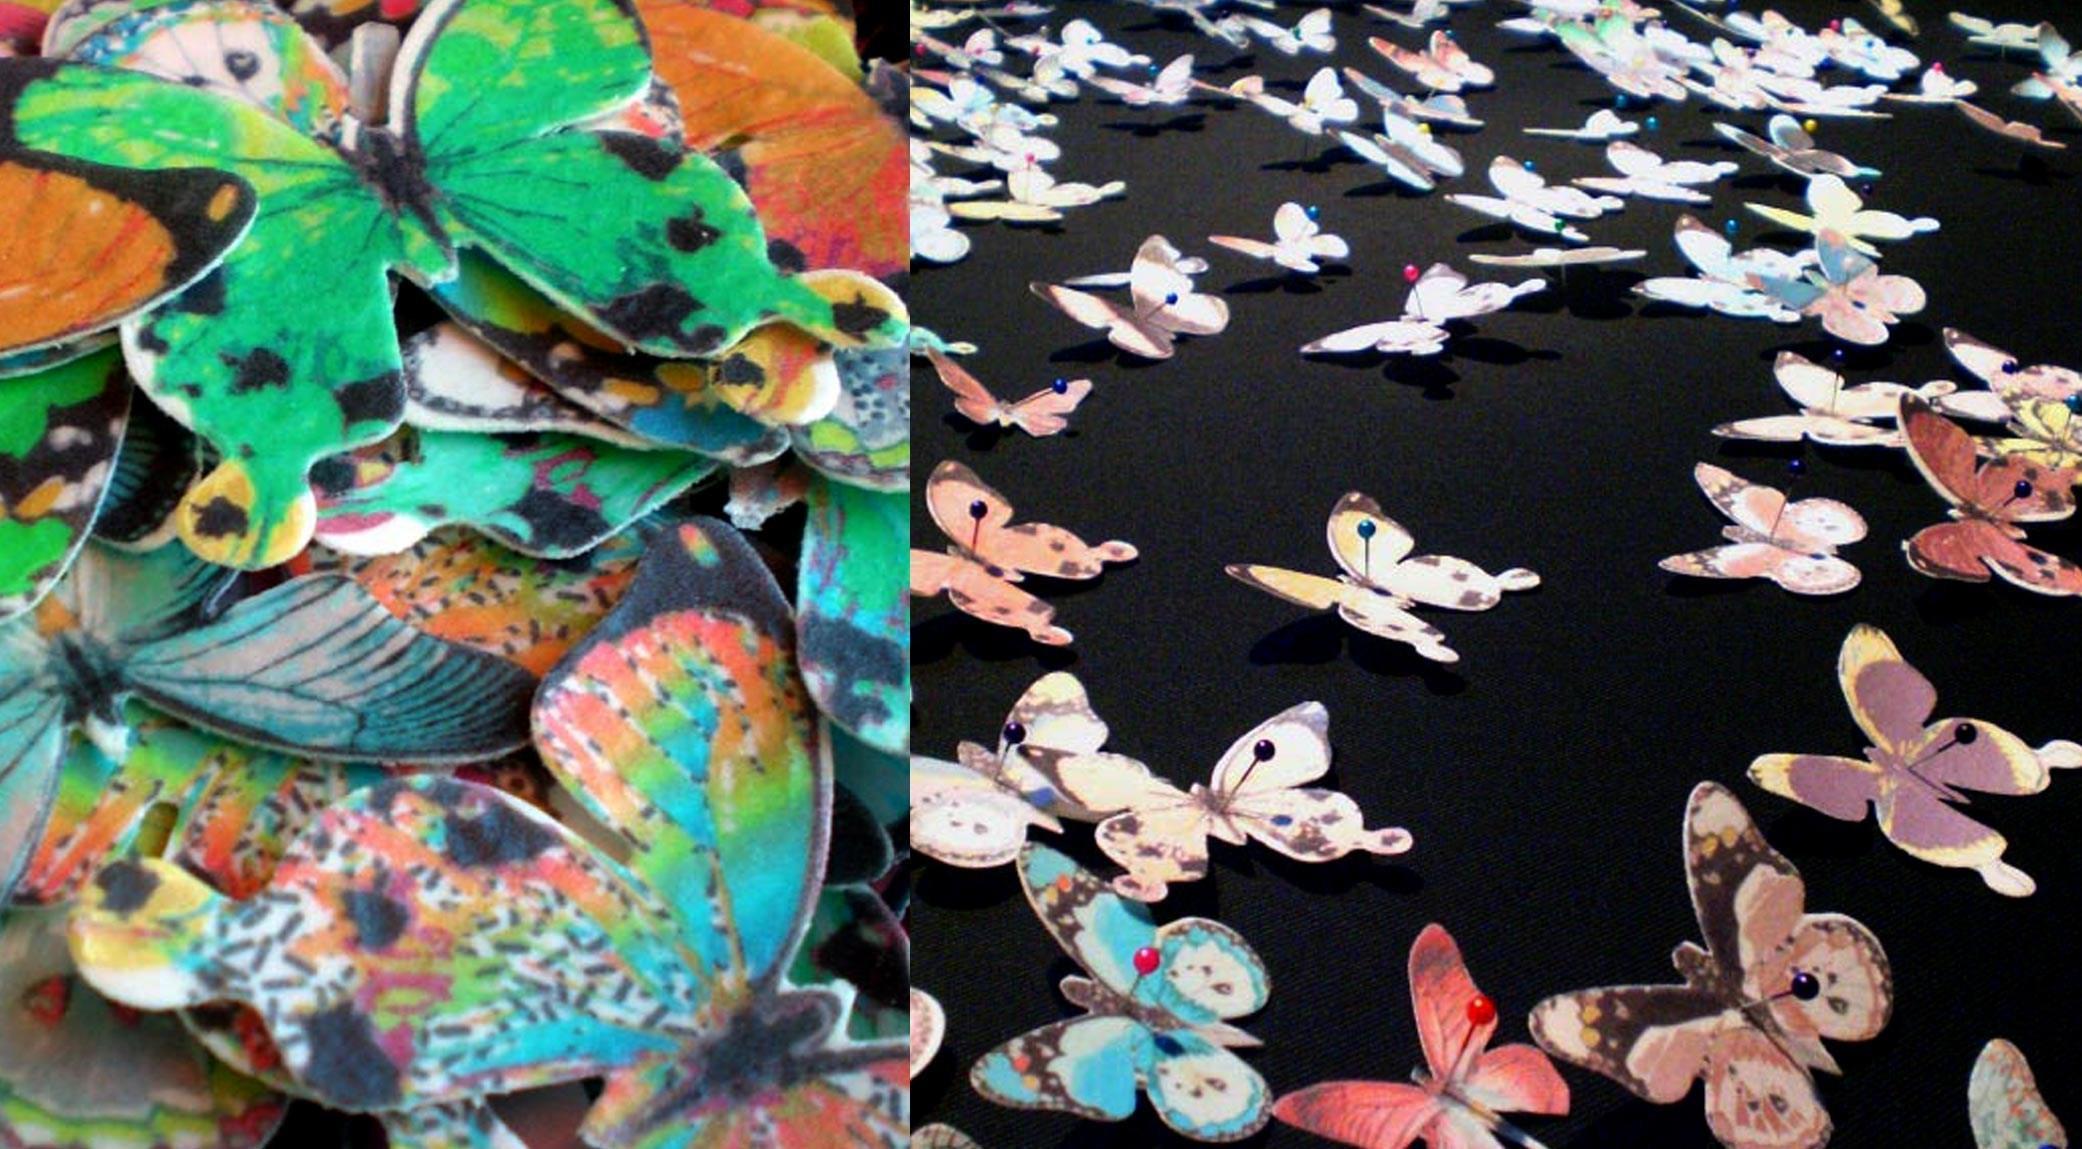 Natascia-fenoglio-Butterfly